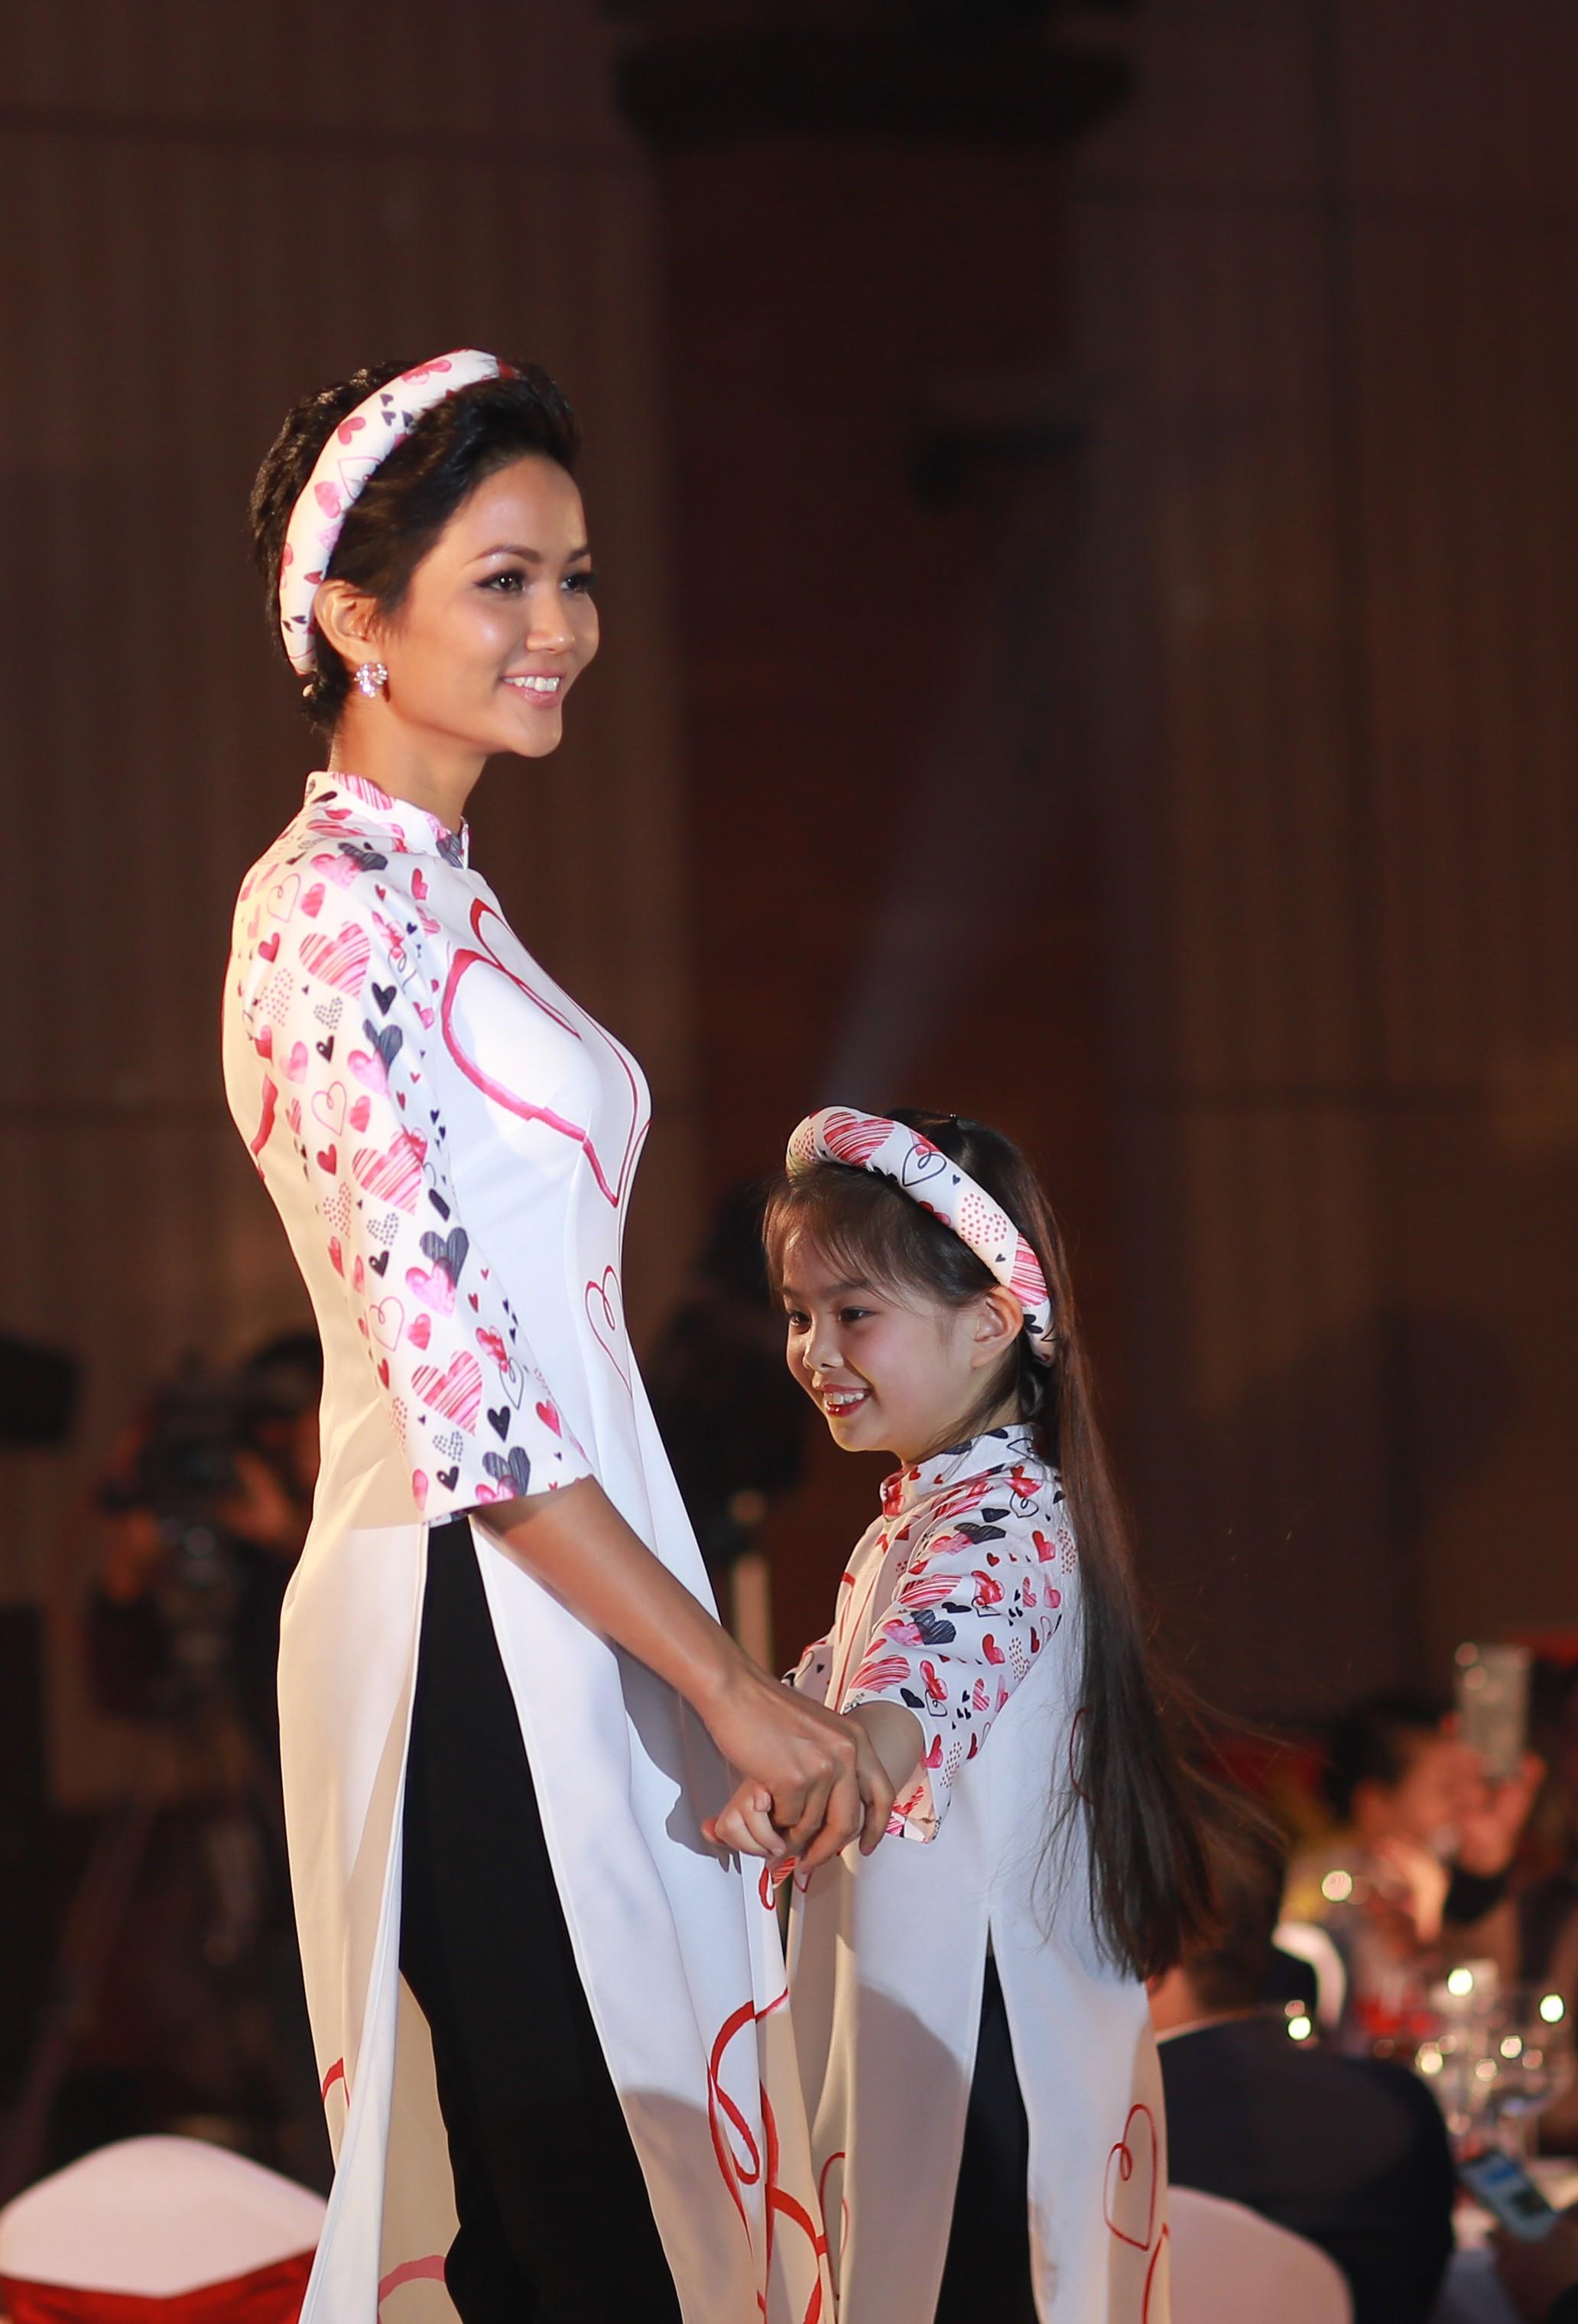 H'Hen Niê diện áo dài họa tiết trái tim, tự tin trình diễn catwalk cùng với người mẫu nhí trong chương trình.